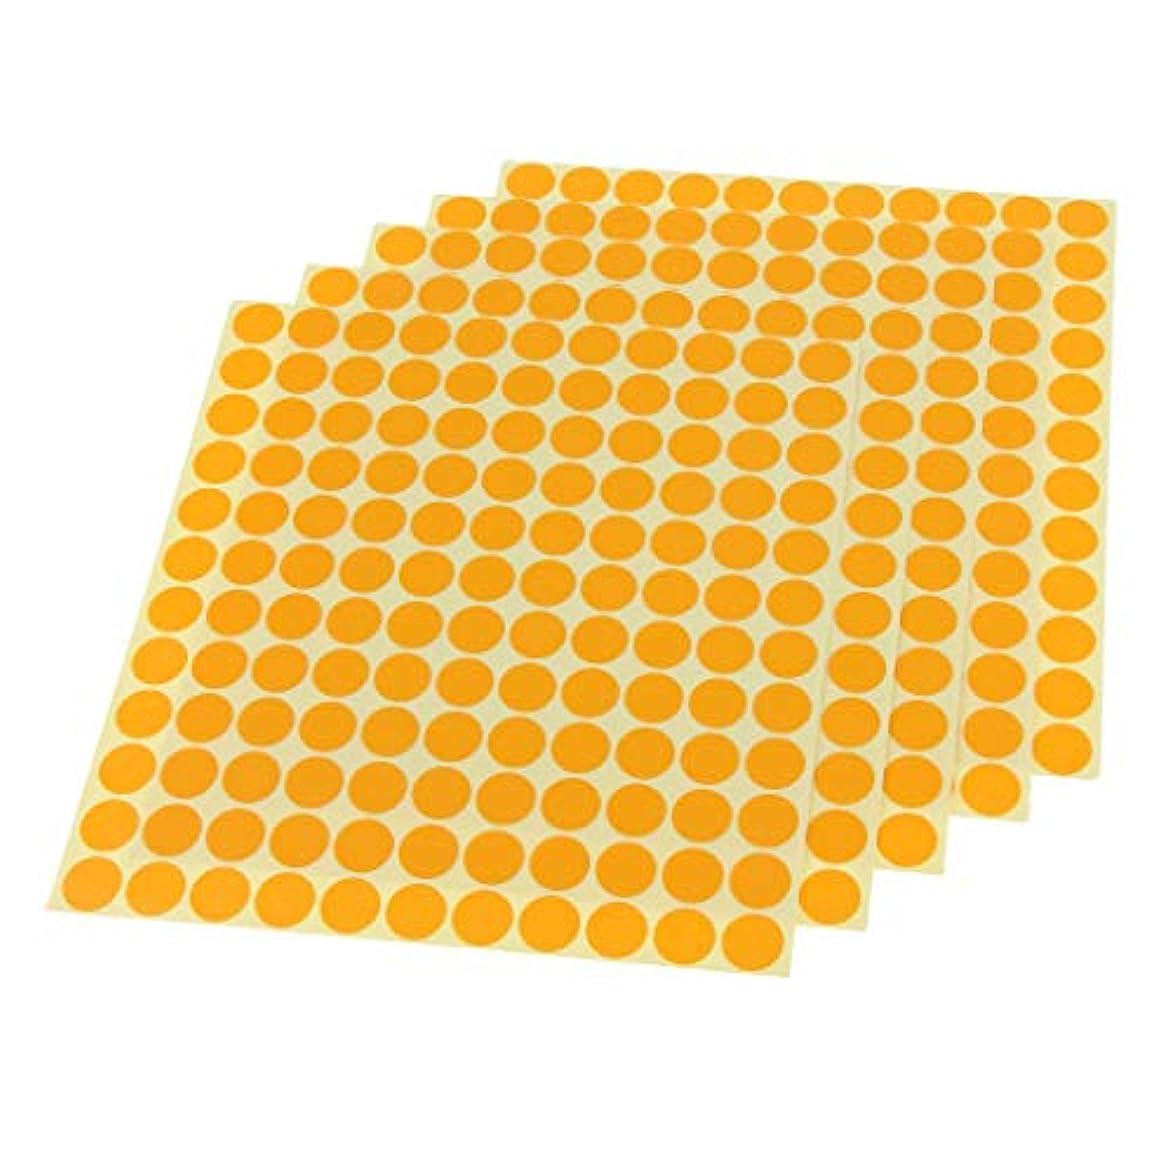 商業の延ばすダンス5個入り ラベルシート エッセンシャルオイル ボトル 貼り付け ステッカー 自己接着ラベル 防水耐油 - オレンジ